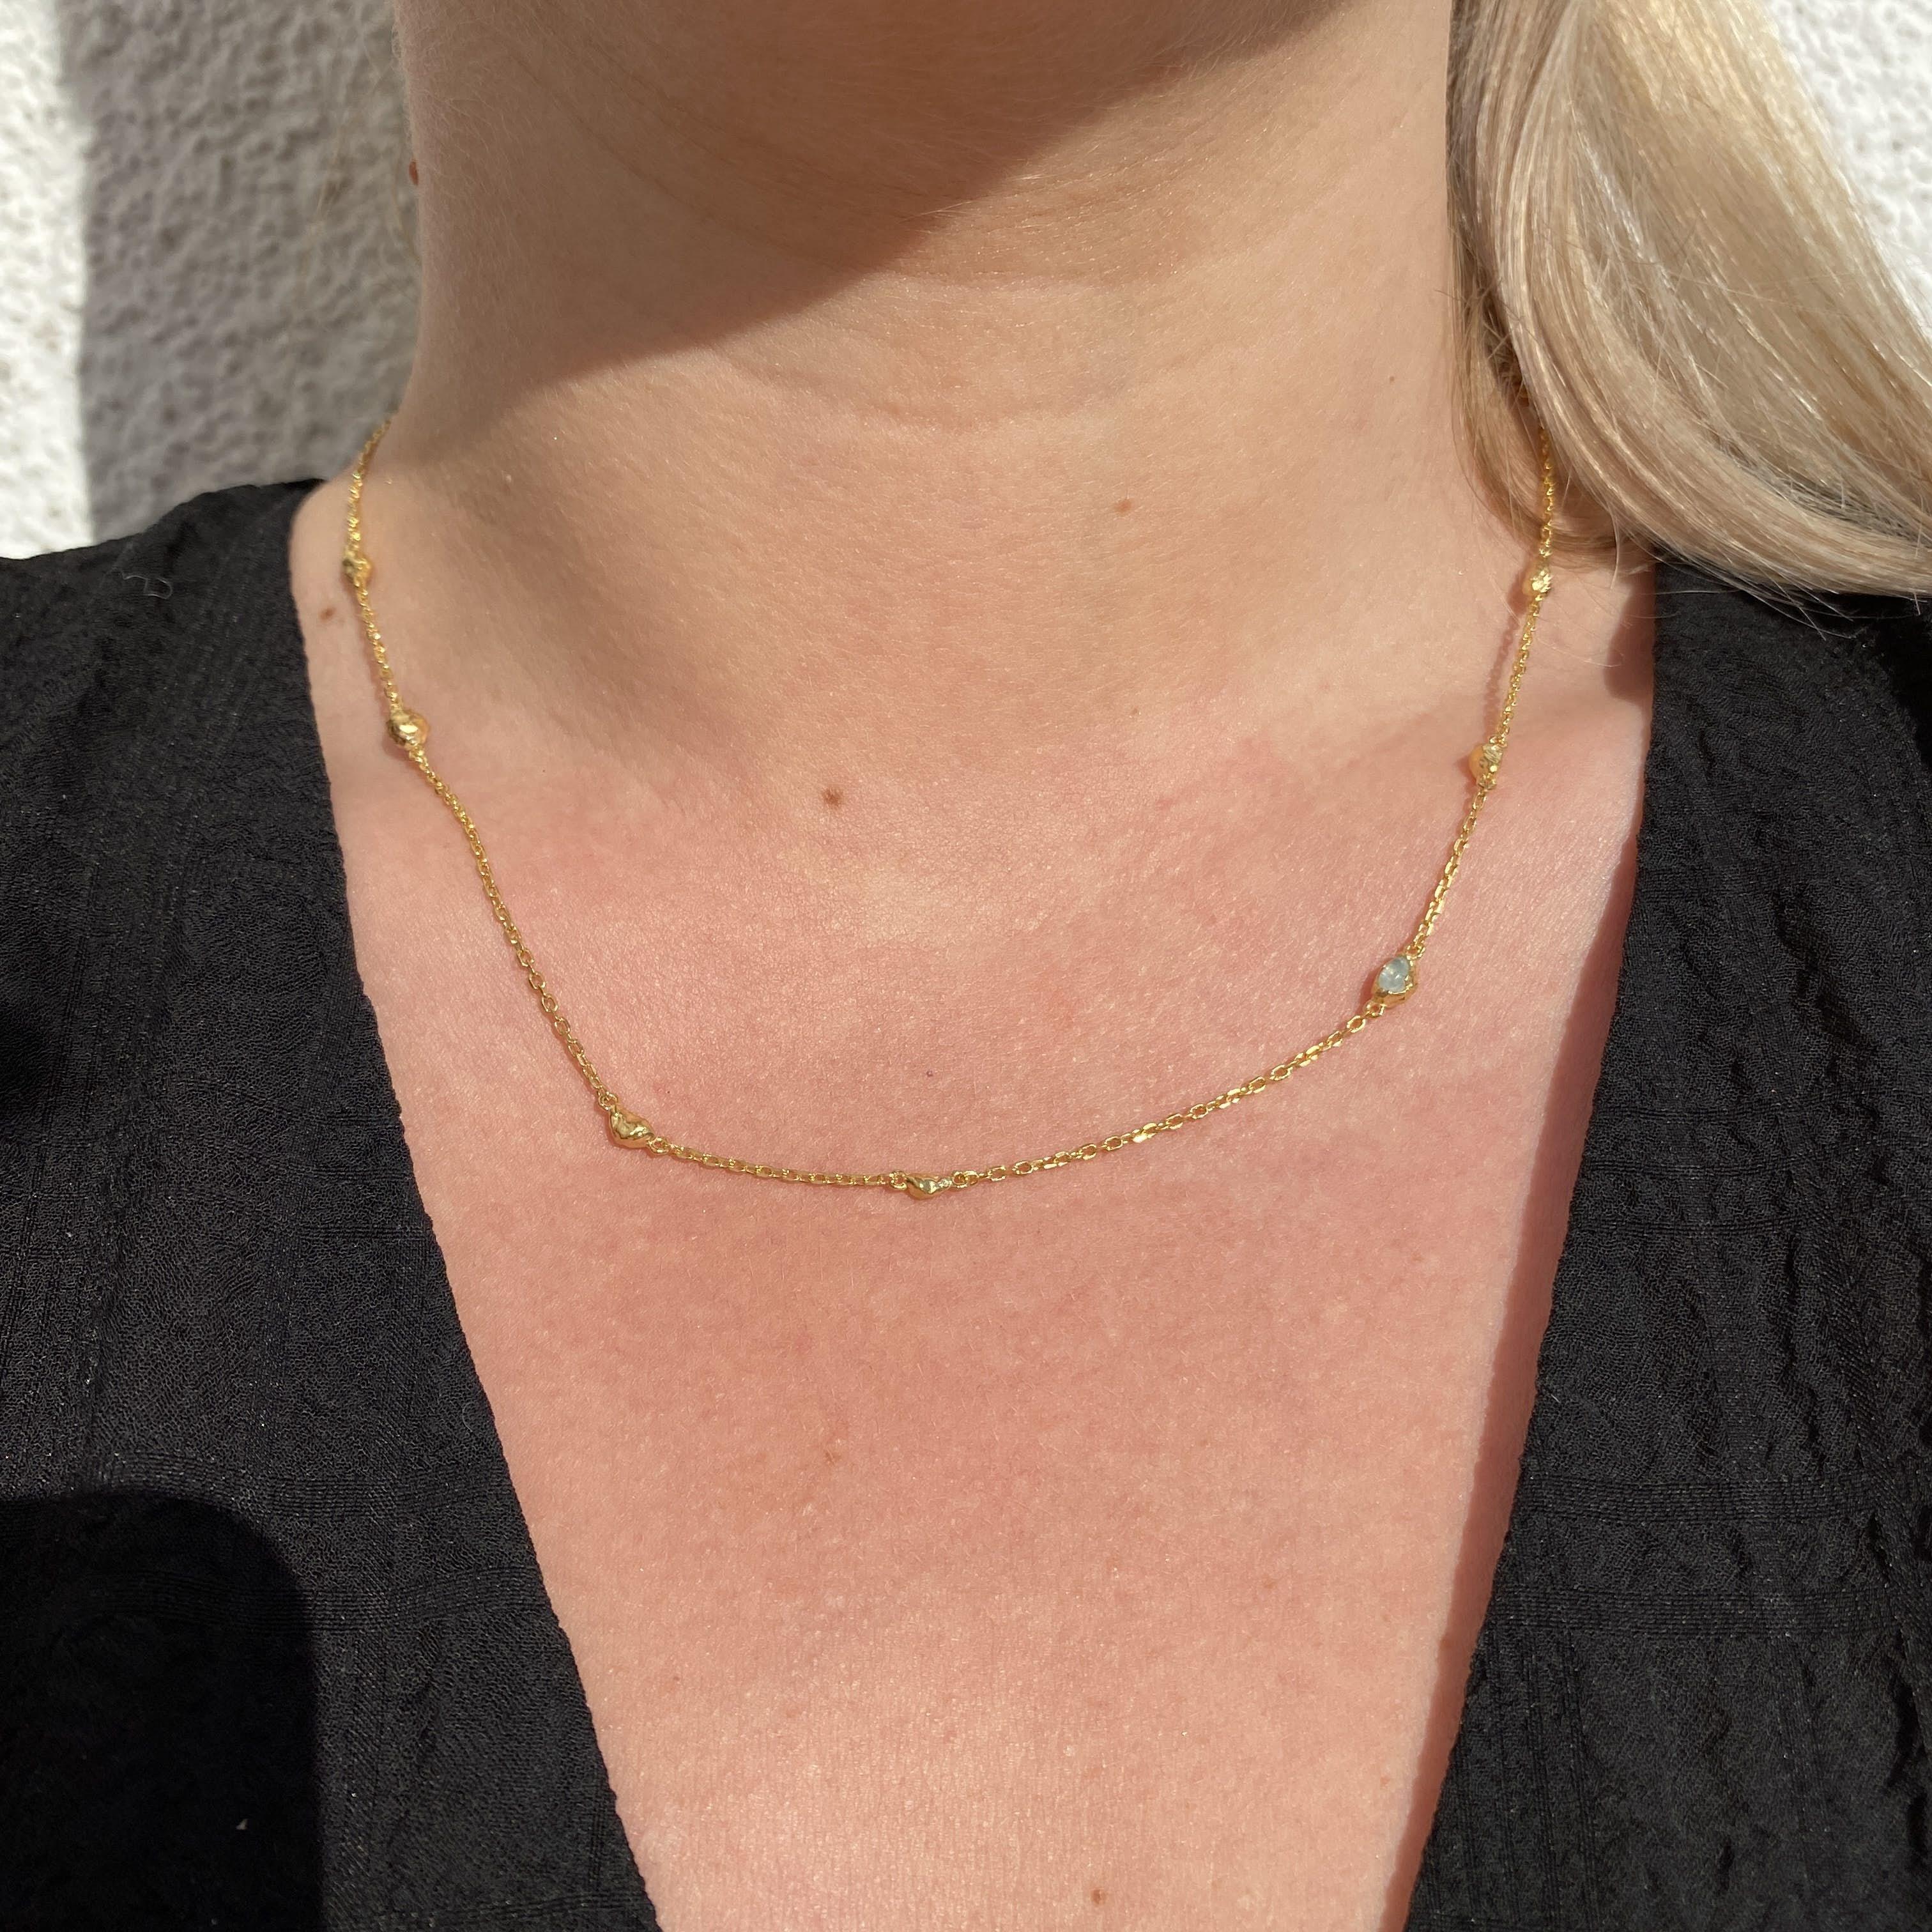 Zadie Necklace von Maanesten in Vergoldet-Silber Sterling 925